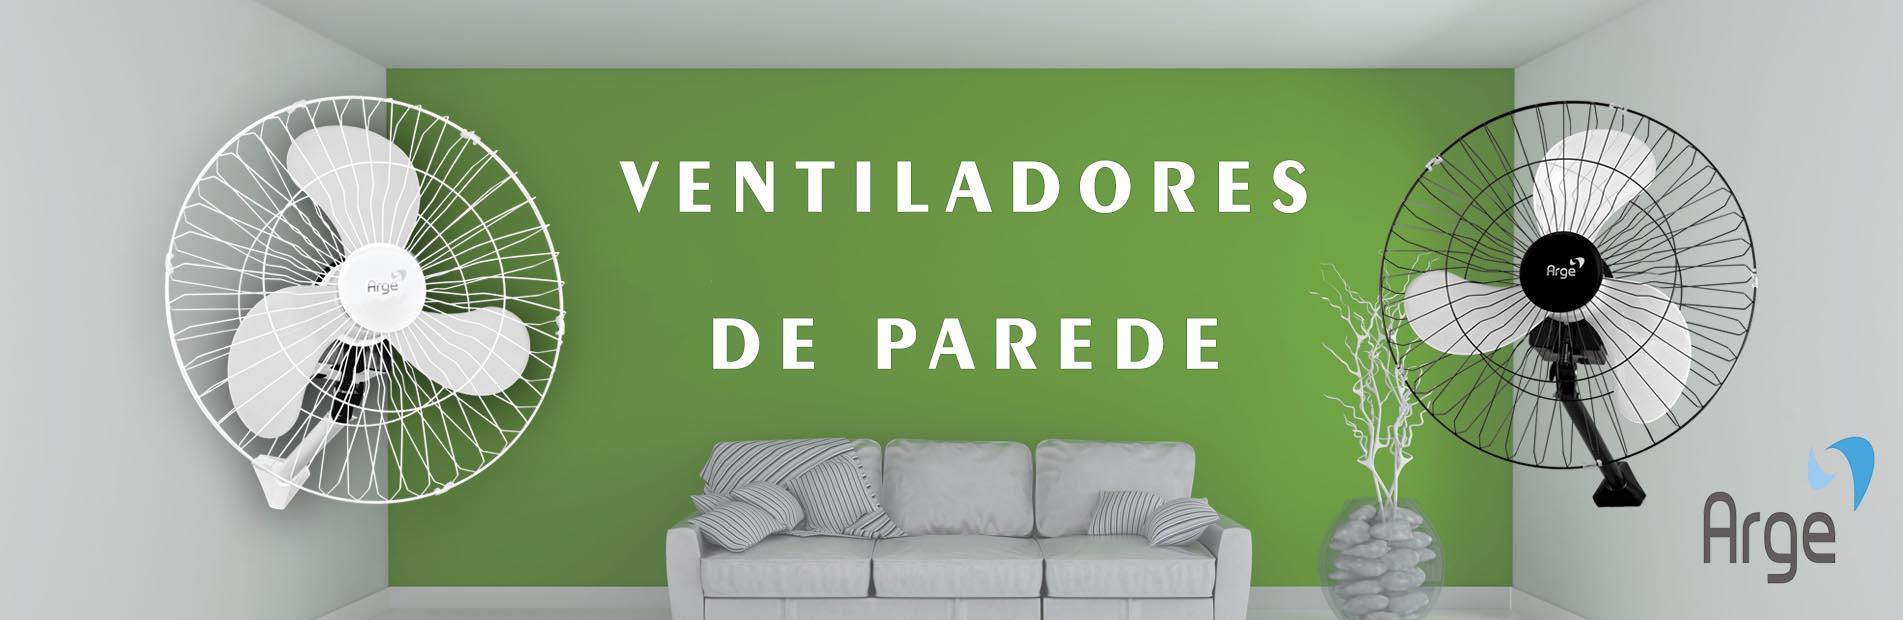 Banner Ventilador de Parede